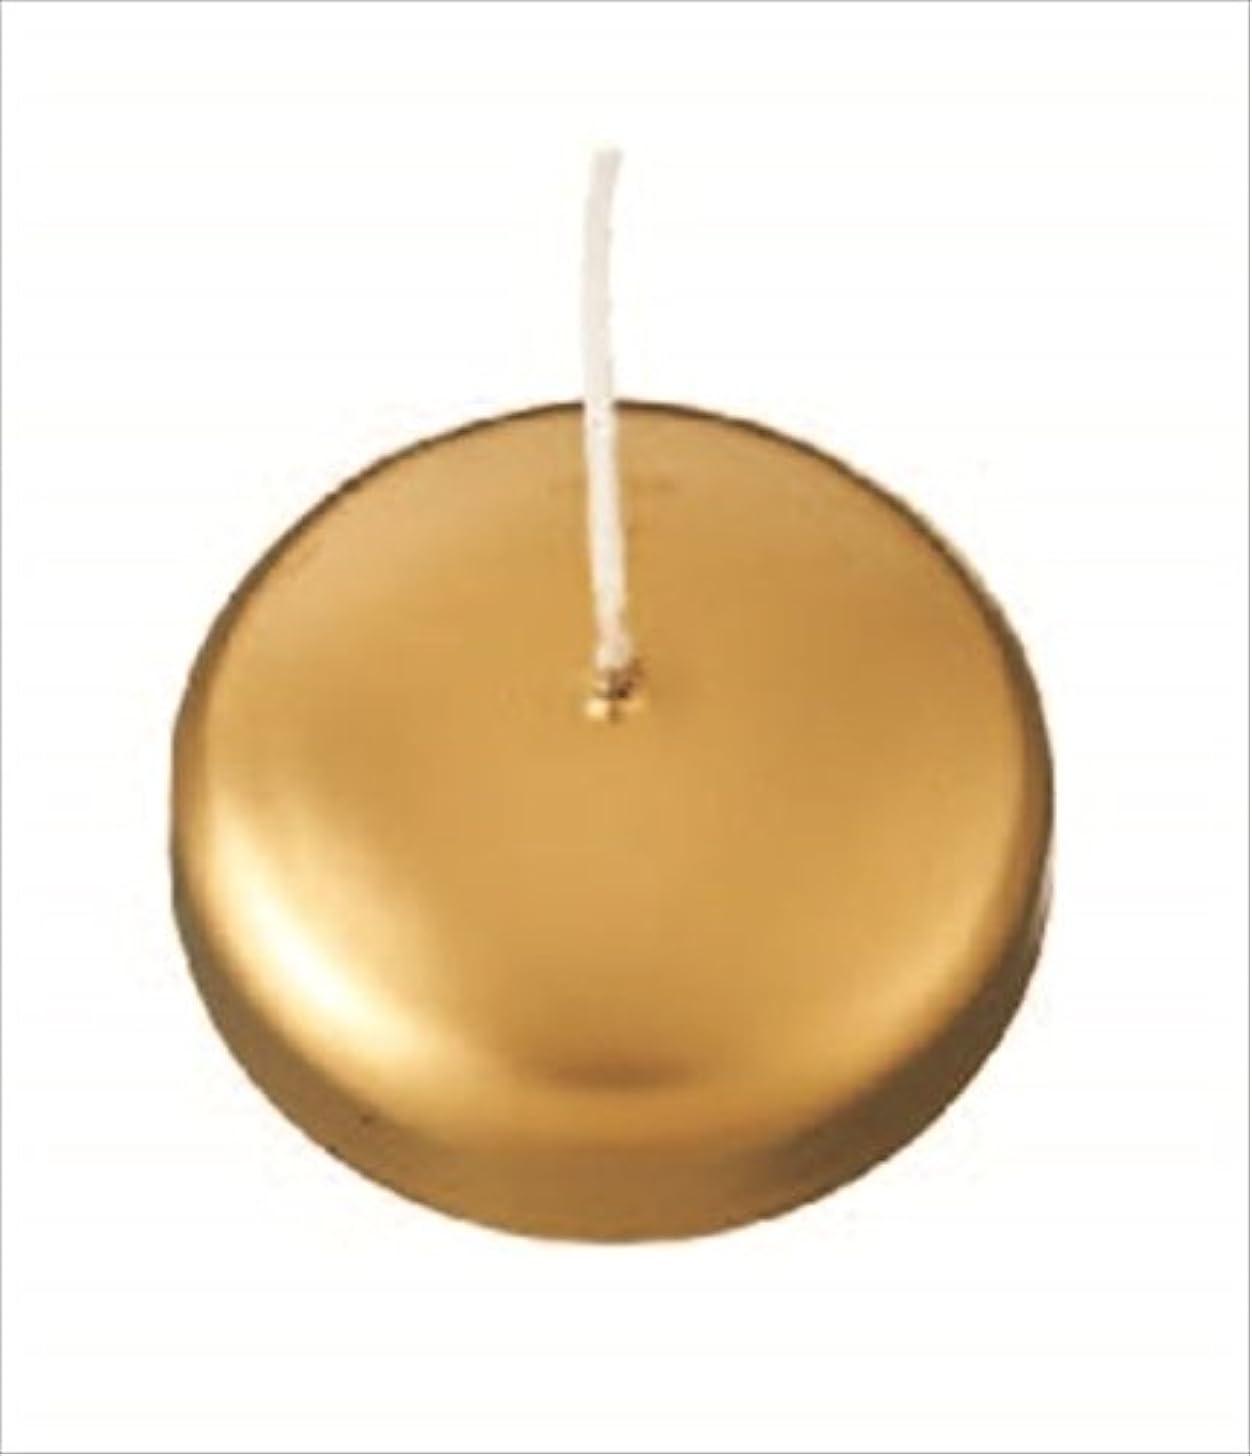 カメヤマキャンドル(kameyama candle) プール80 「 ゴールド 」